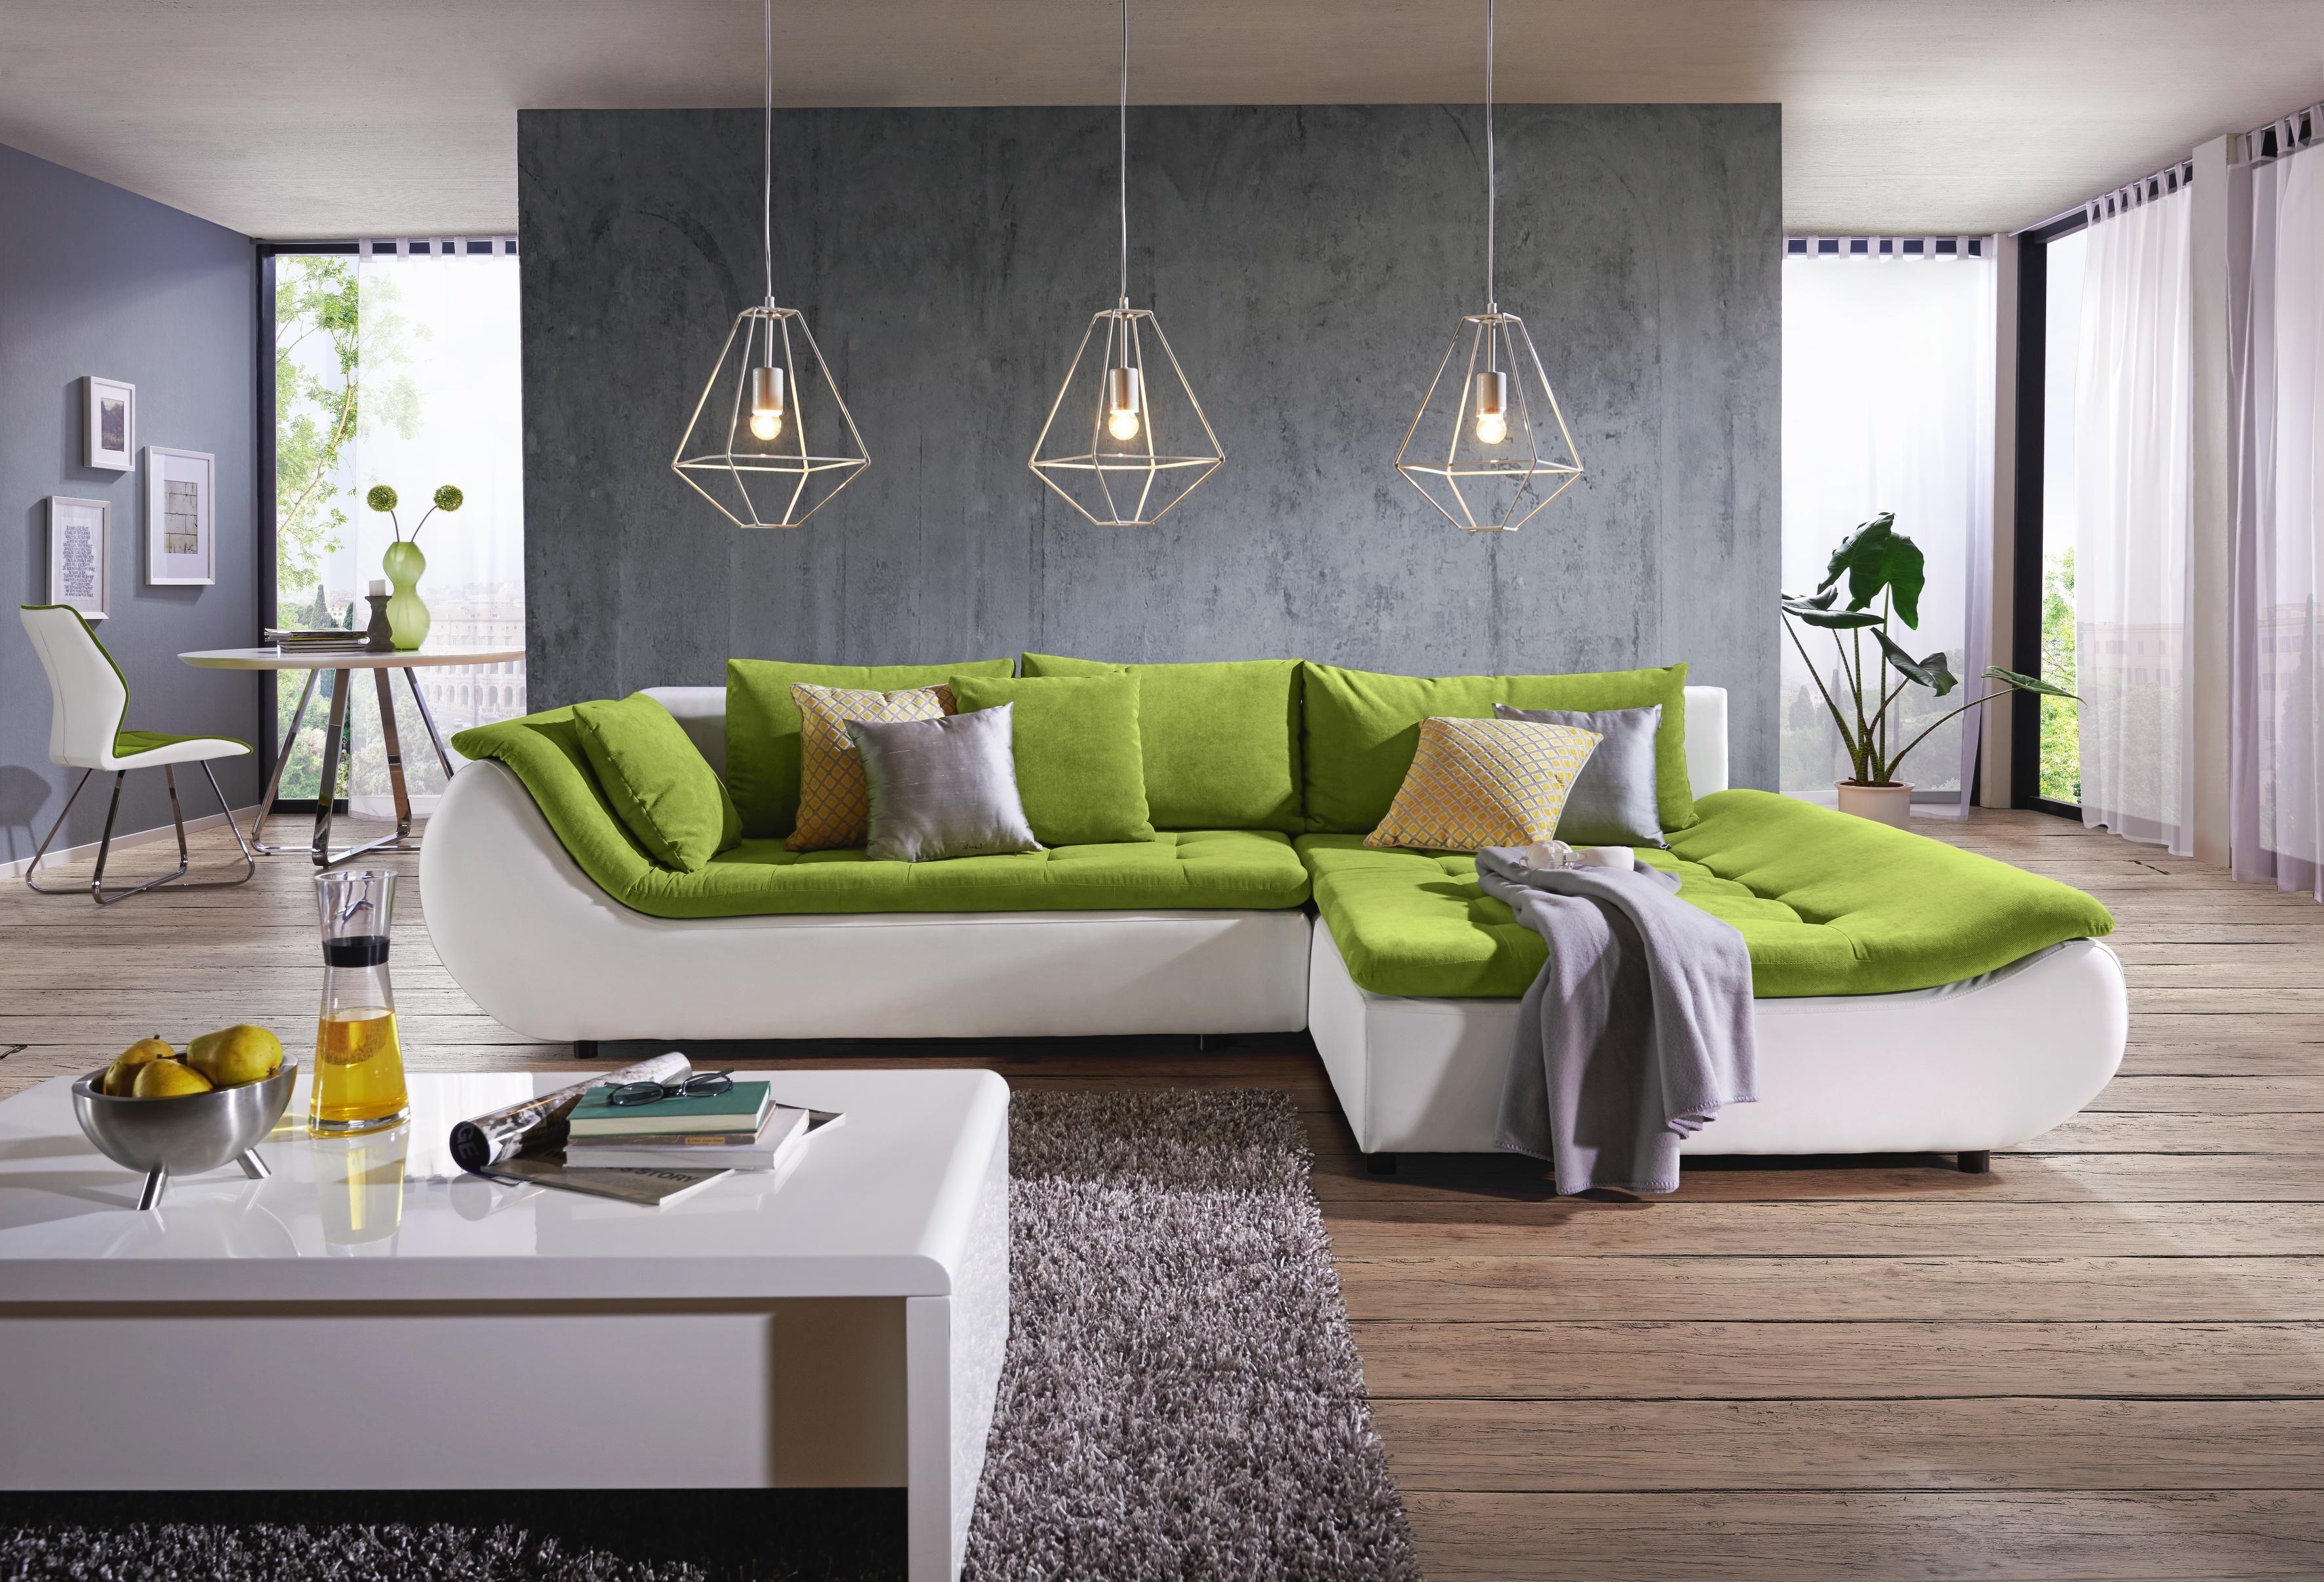 wohnlandschaft sofas couches pinterest wohnzimmer wohnen und wohnlandschaft. Black Bedroom Furniture Sets. Home Design Ideas